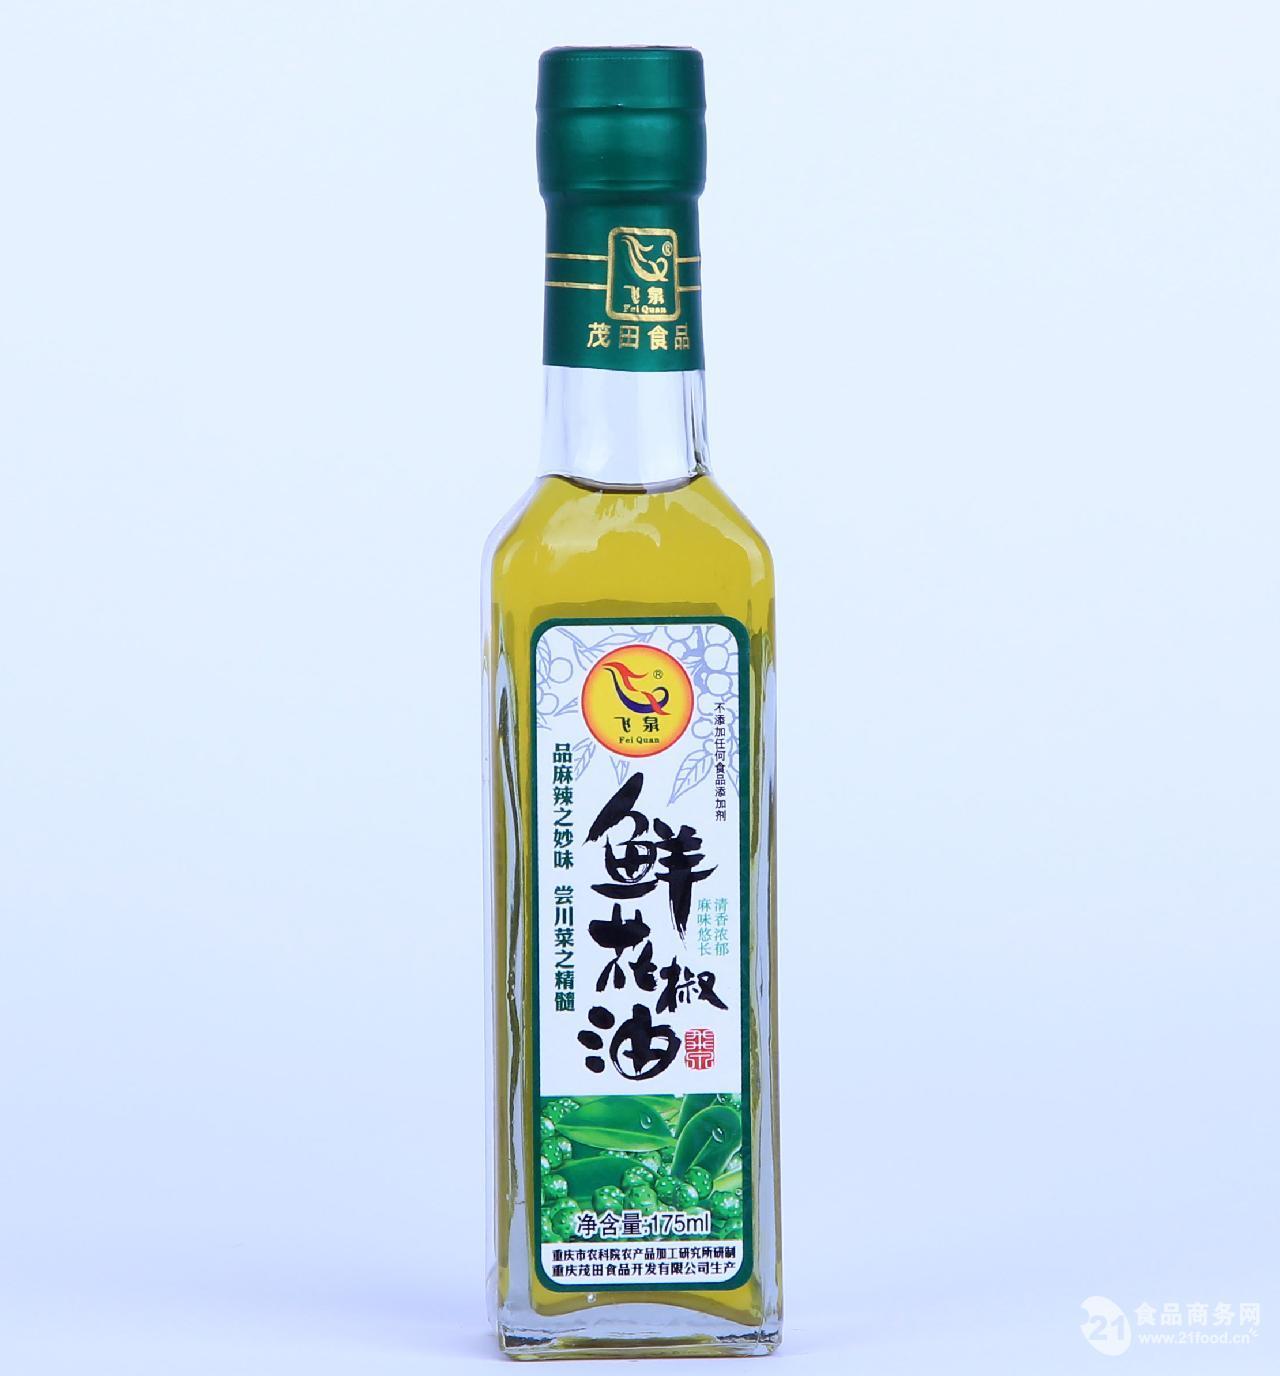 鲜花椒油175ml